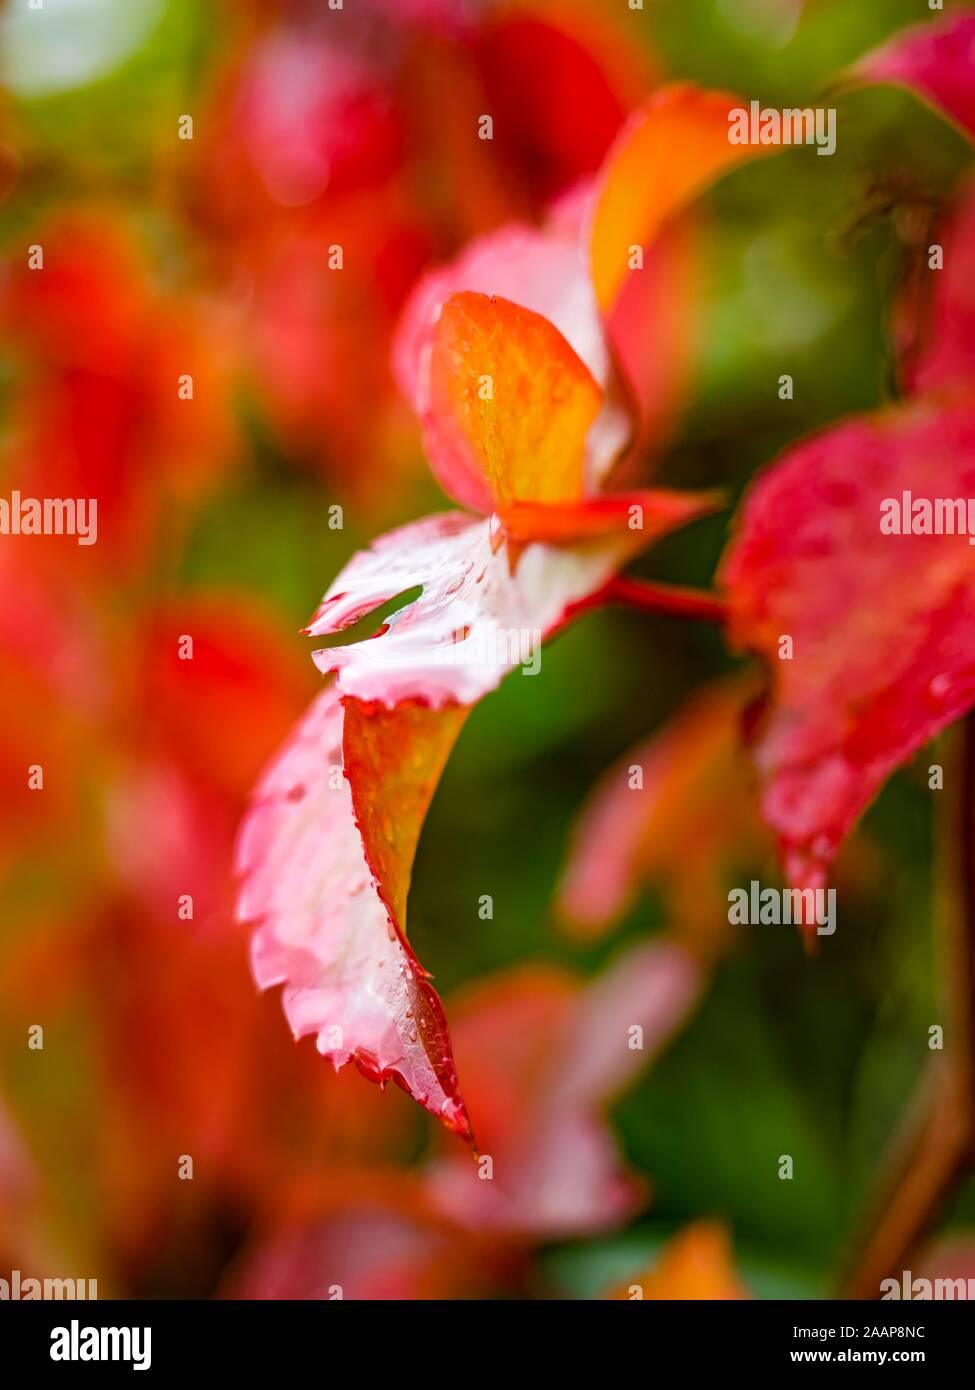 Hojas rojas después de la lluvia una hoja aislada Foto de stock